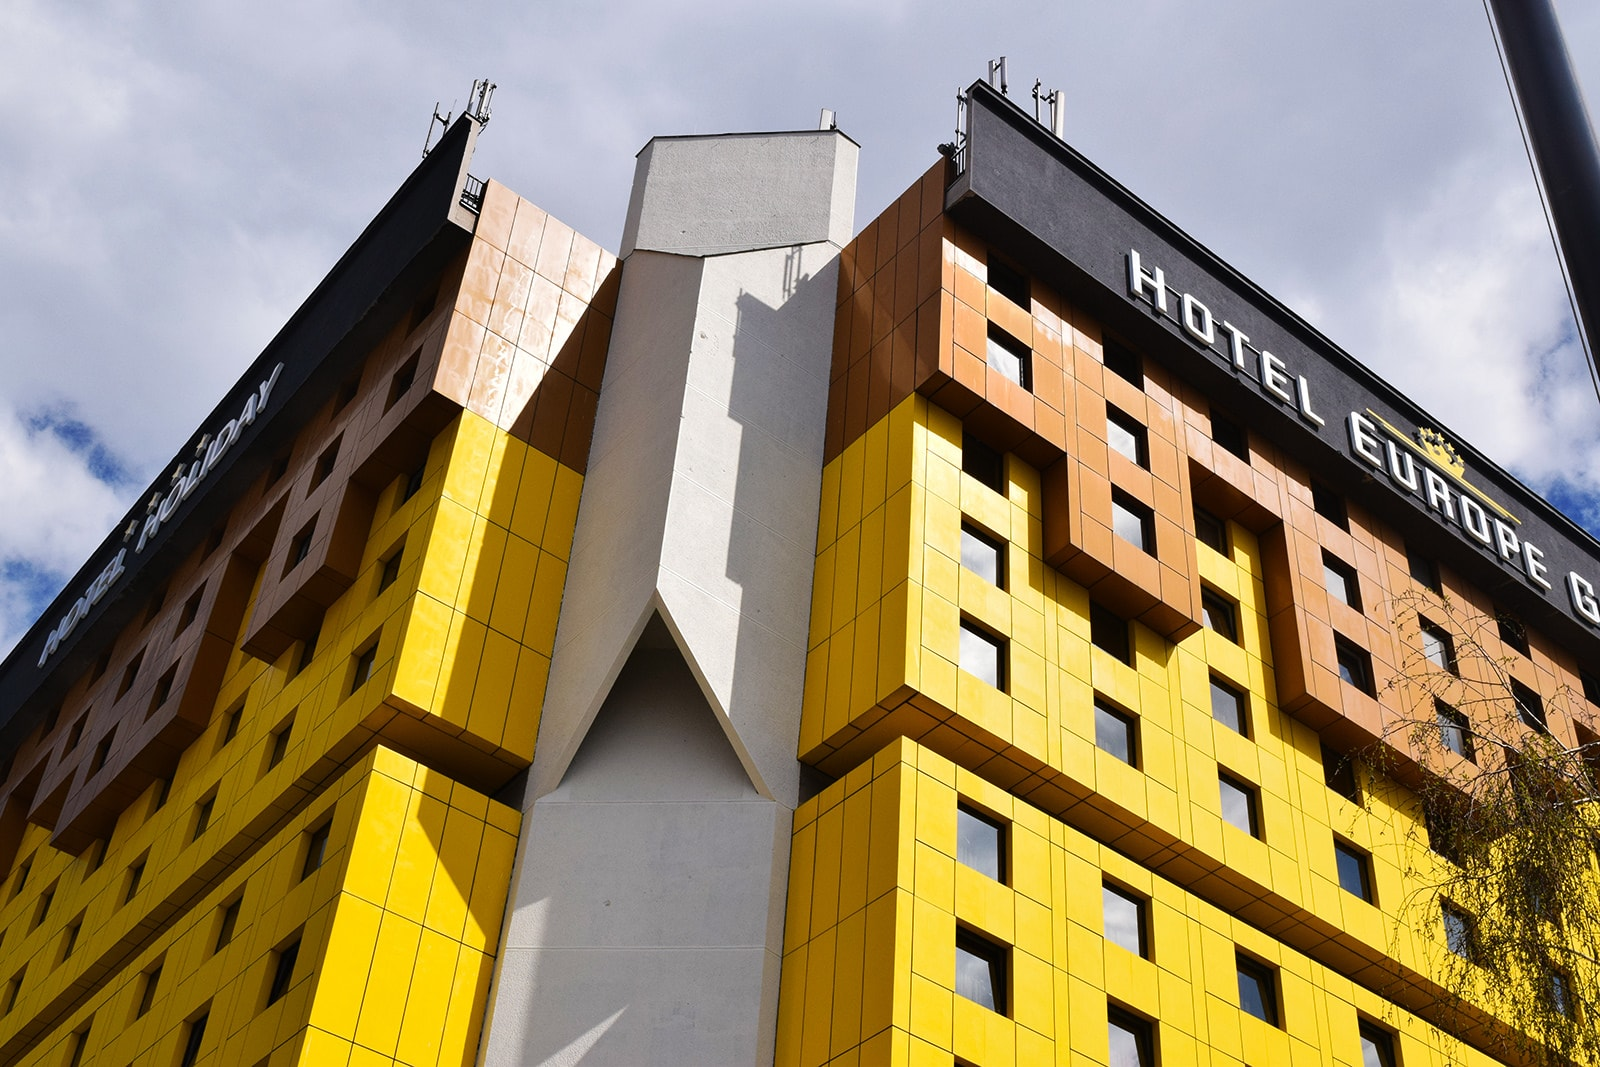 Hotel Europe Sarajevo | © sundeviljeff/Flickr